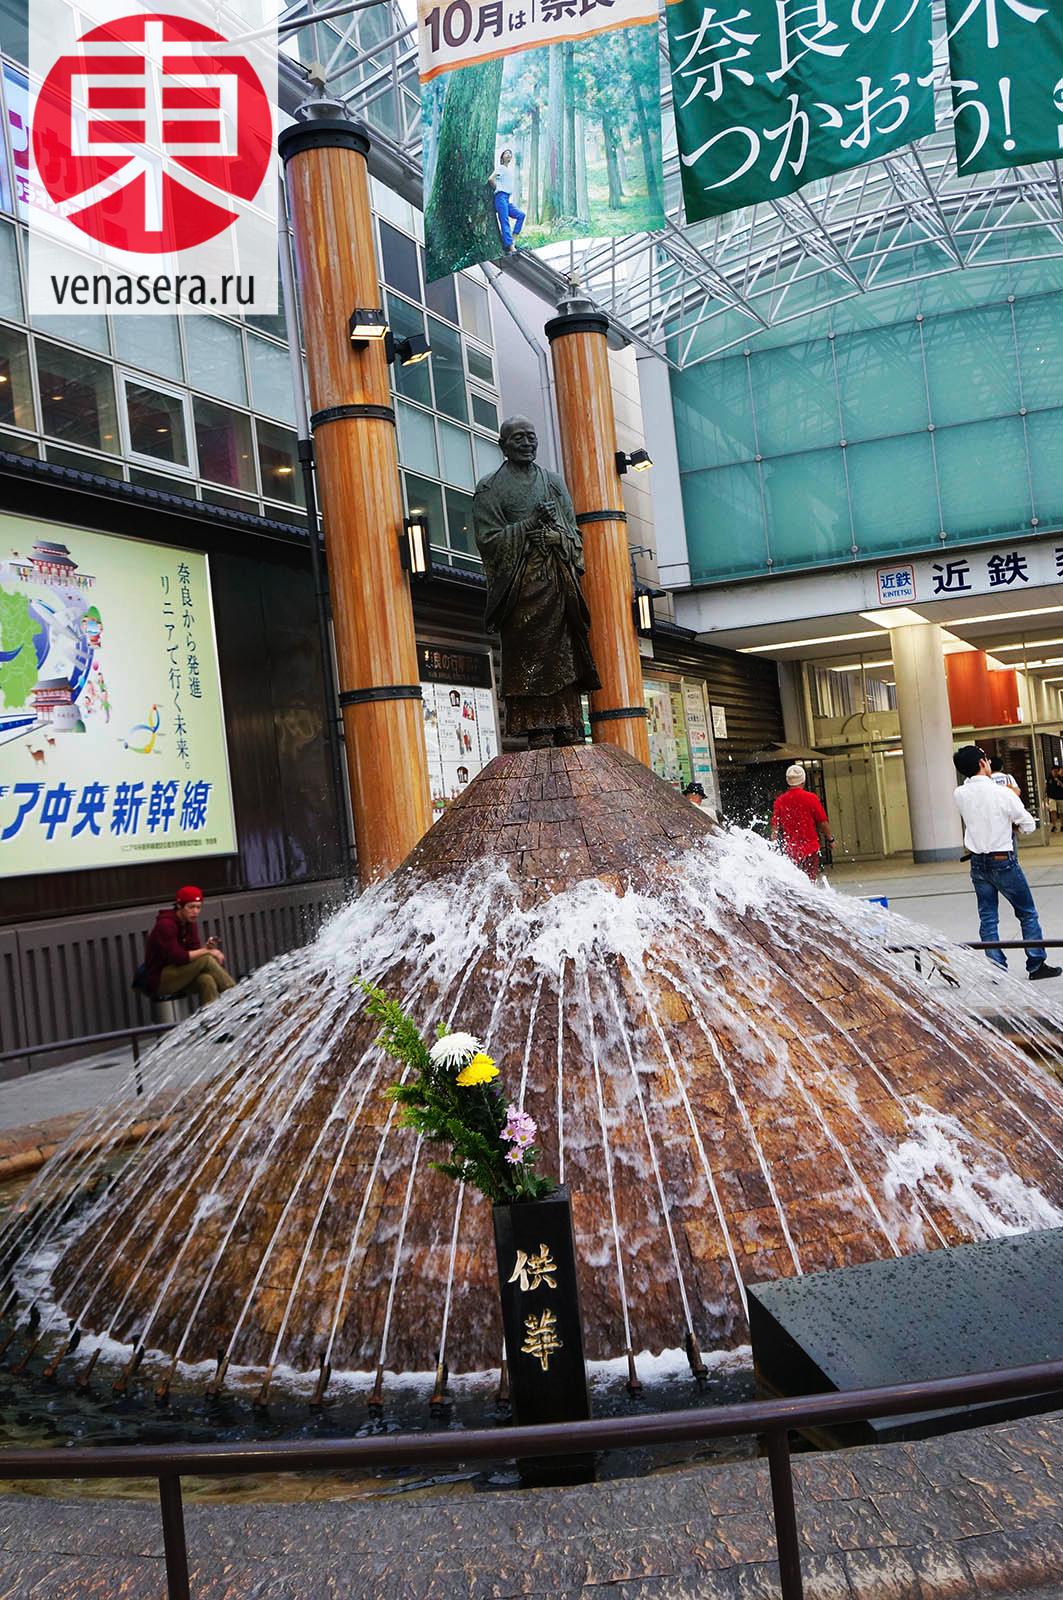 Путешествие в Нара, Поездка в Нара, Станция Нара, Станция Kintetsu Nara, Нара, Nara, 奈良, Япония, Japan, 日本.